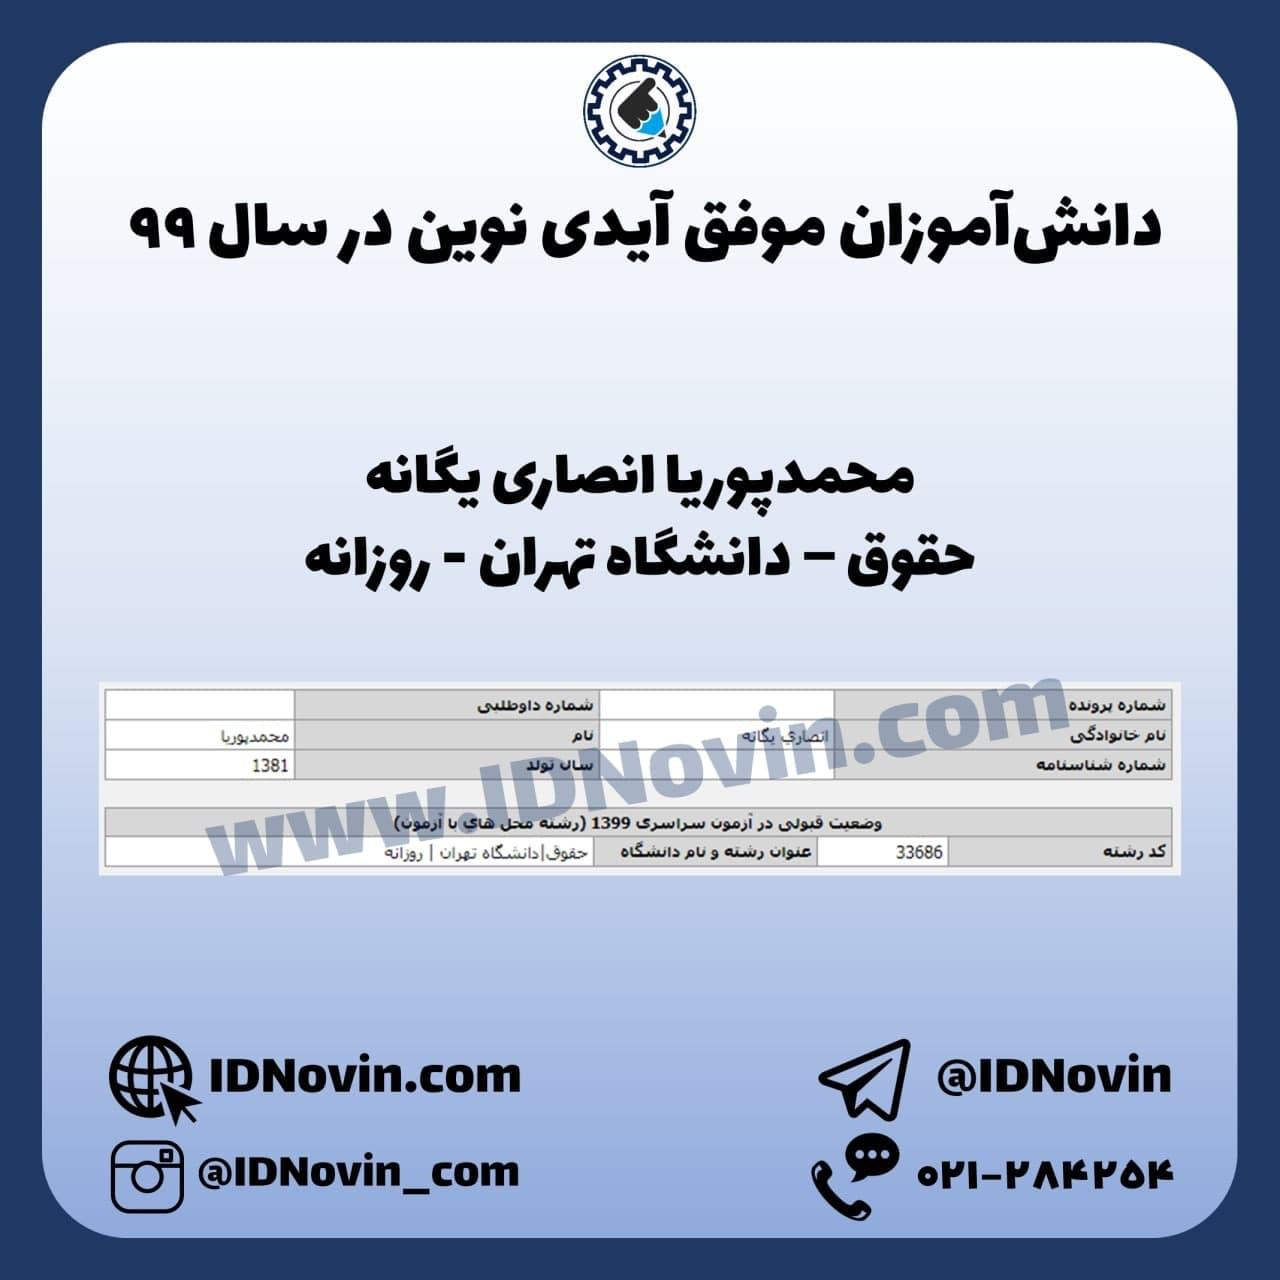 کارنامه قبولی حقوق دانشگاه تهران